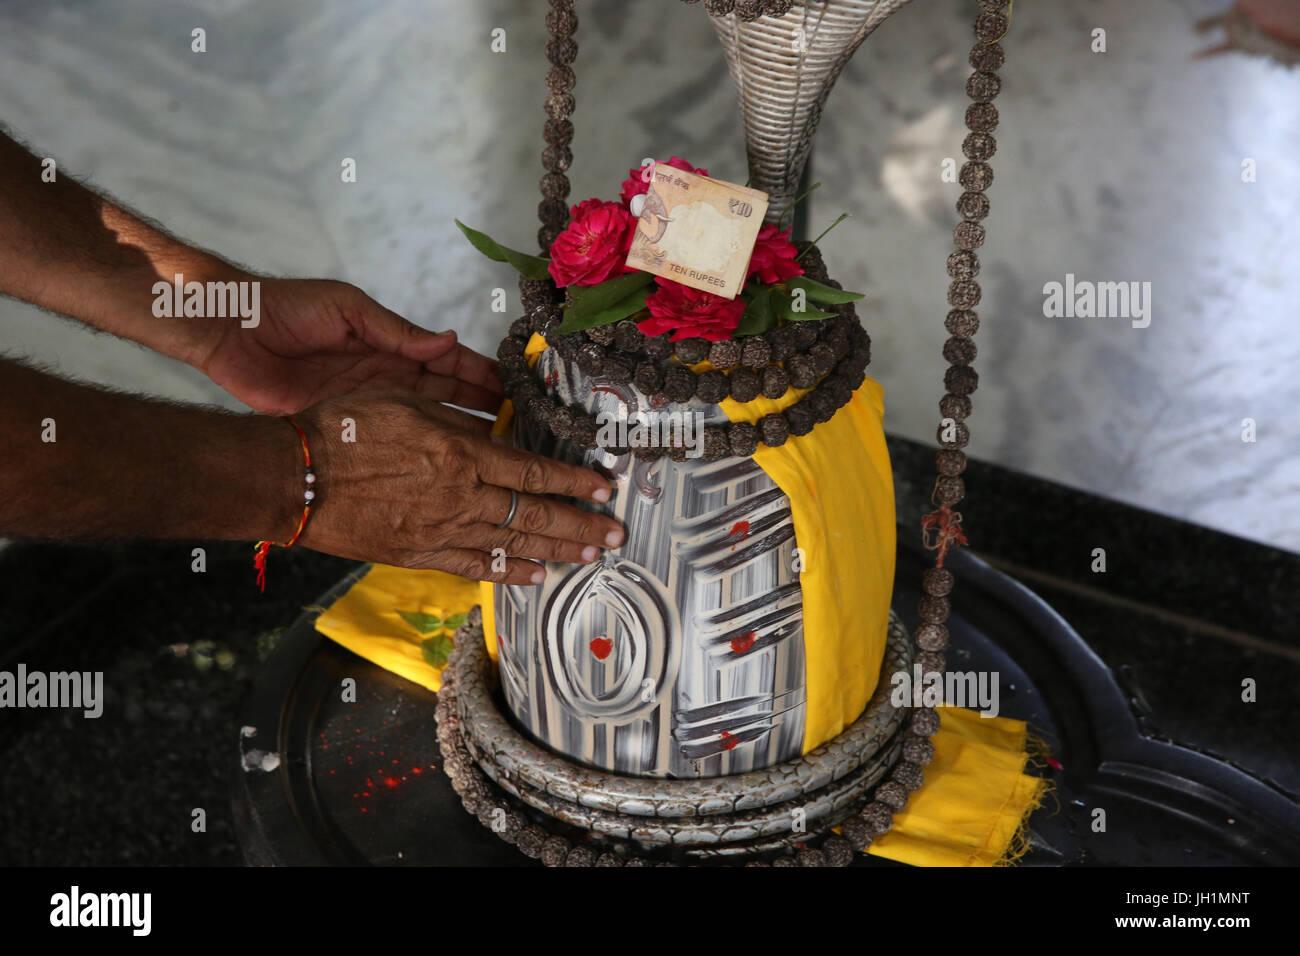 La dévotion dans Reti Raman temple hindou. L'Inde. Photo Stock